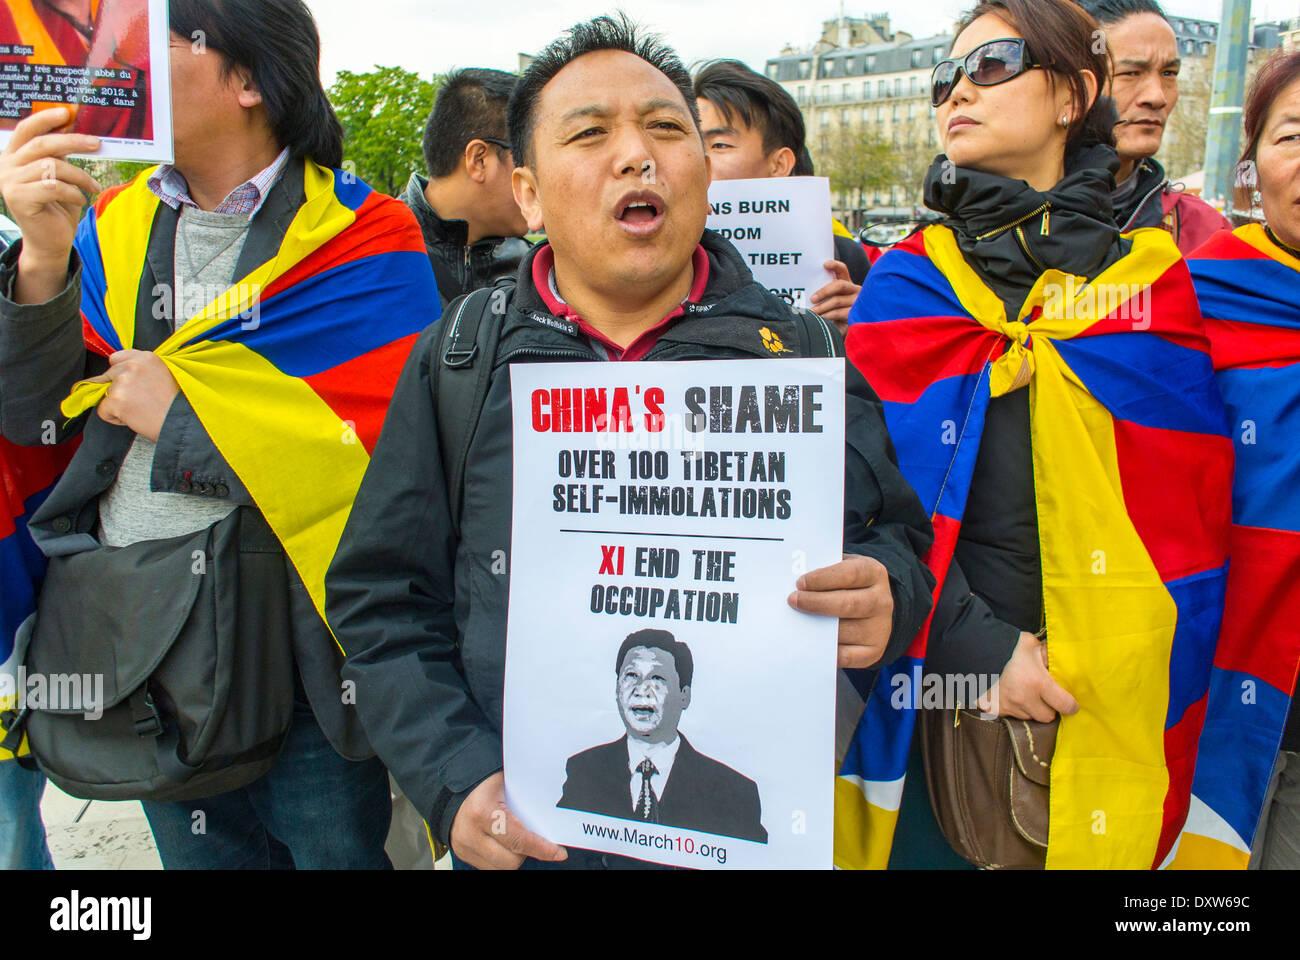 Foule, le tibétain, le taïwanais communautés ethniques de la France, et les amis ont appelé à des citoyens français à se mobiliser au cours de la visite du président chinois Xi Jinping à Paris, les manifestations de défense des droits des citoyens Banque D'Images